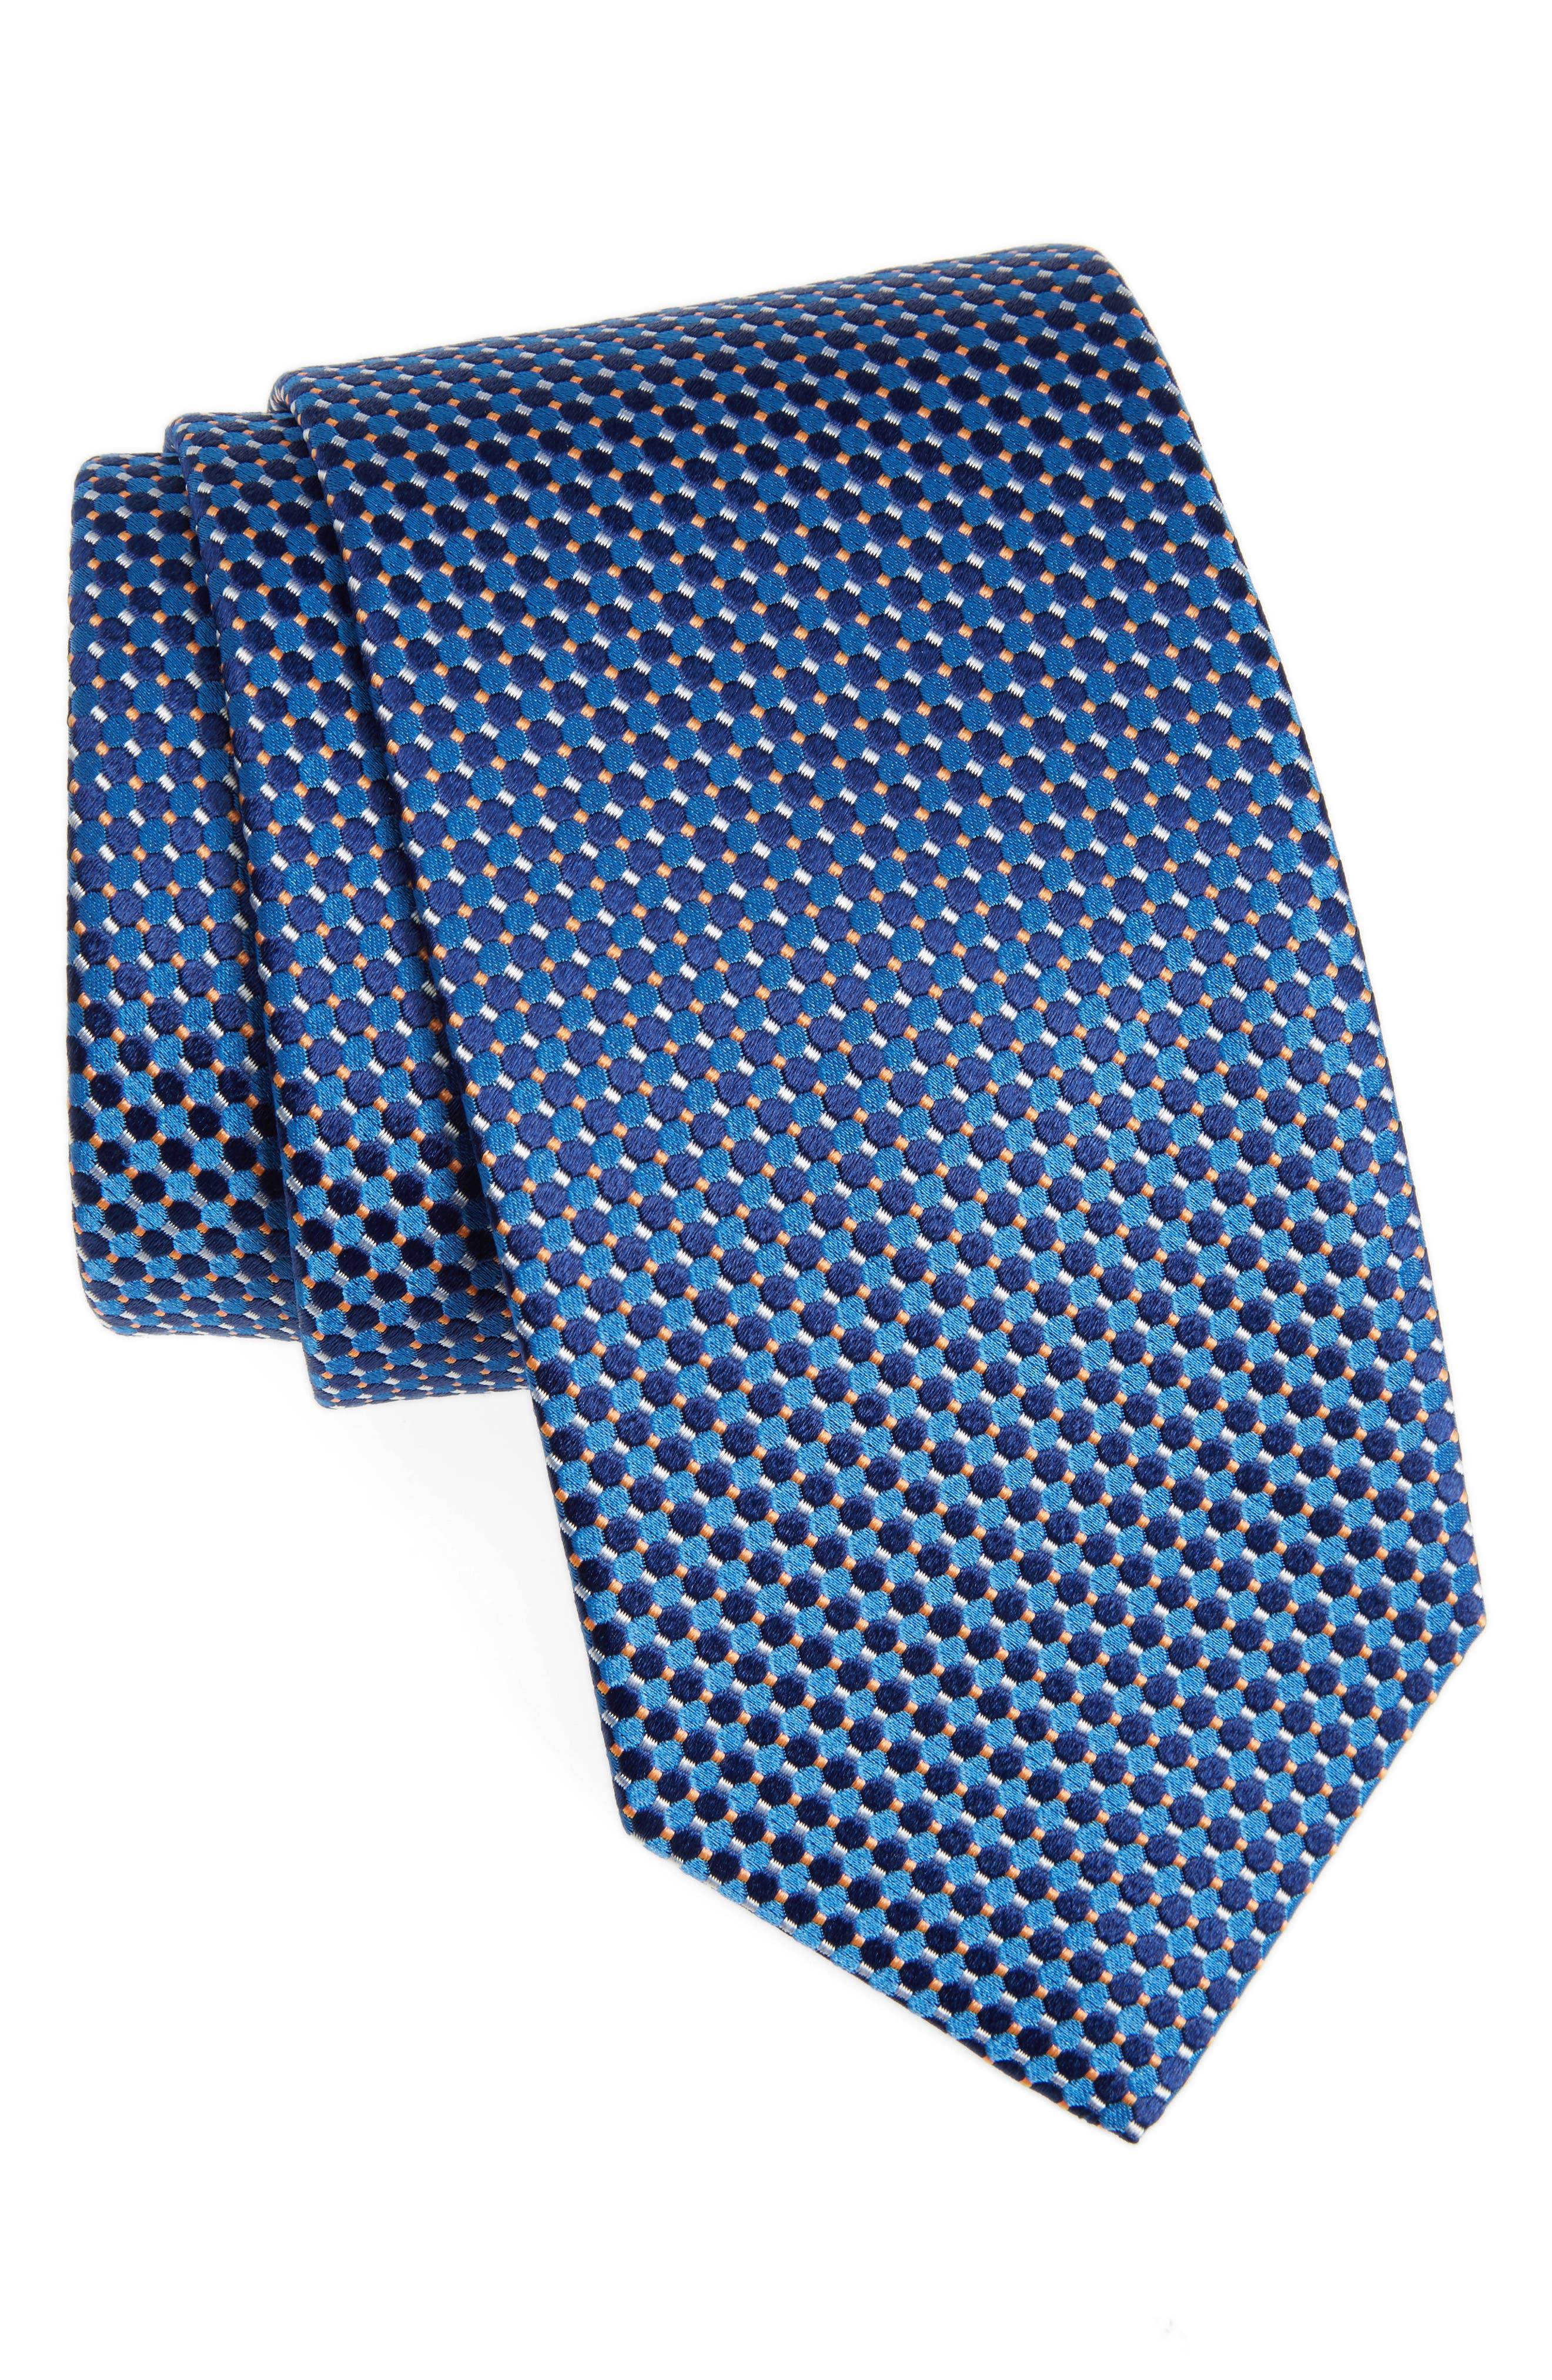 Main Image - Eton Geometric Silk Tie